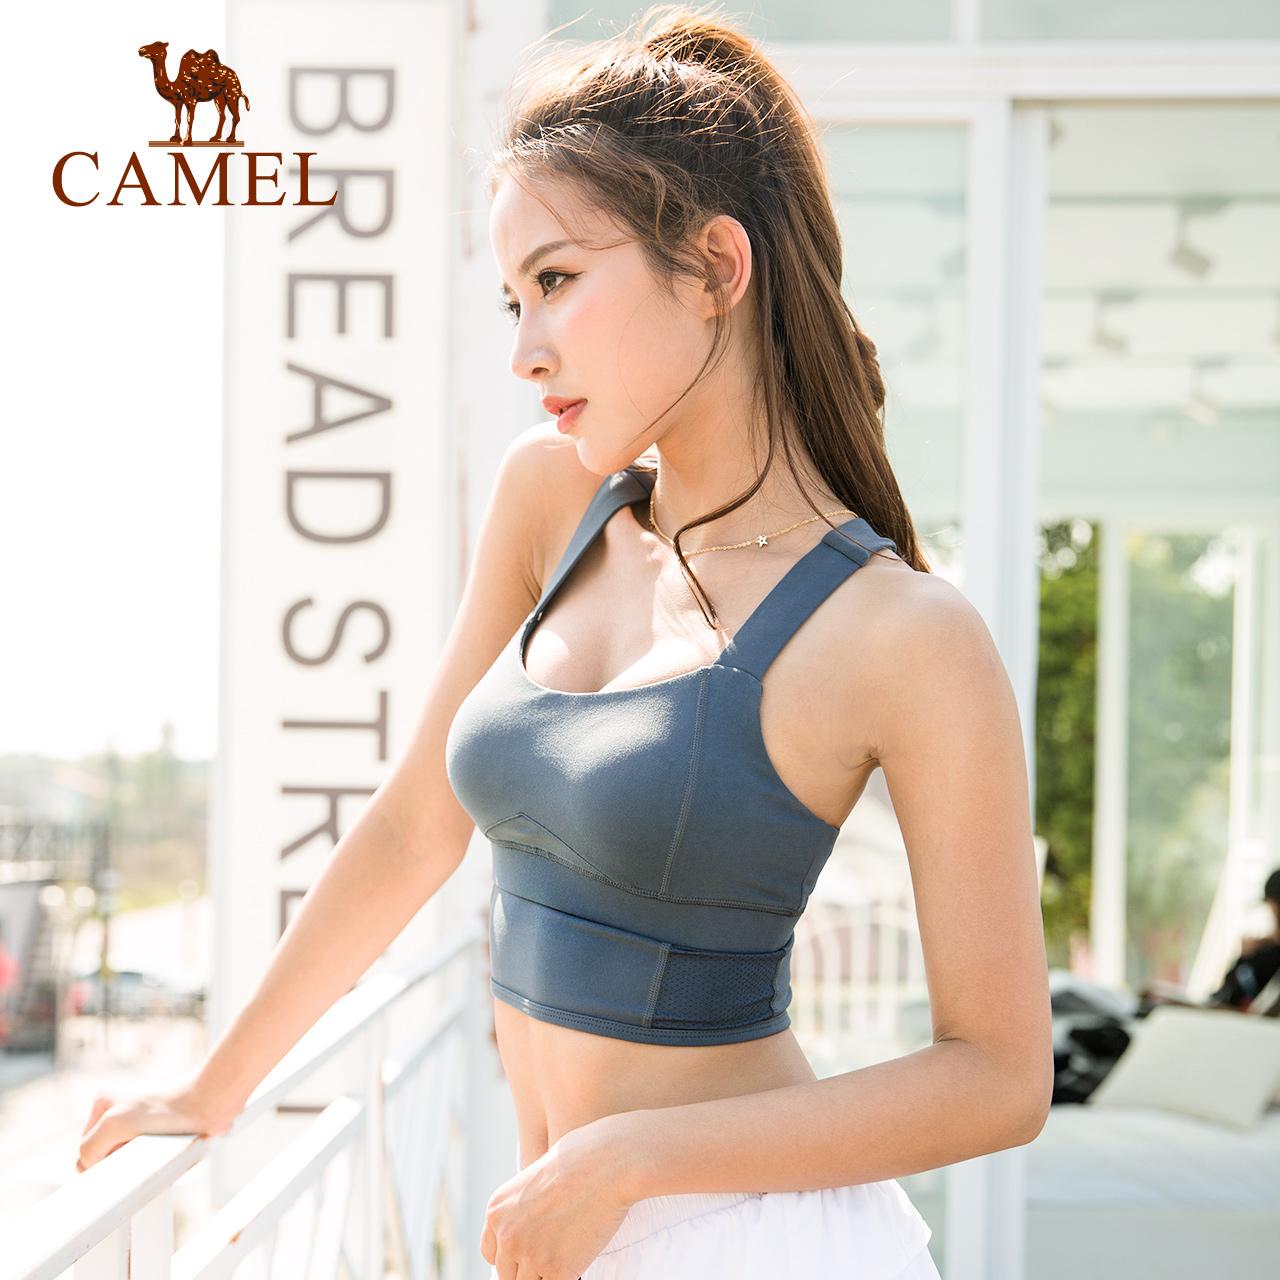 骆驼运动内衣女款 美背透气防震聚拢透气 健身服跑步弹力文胸bra